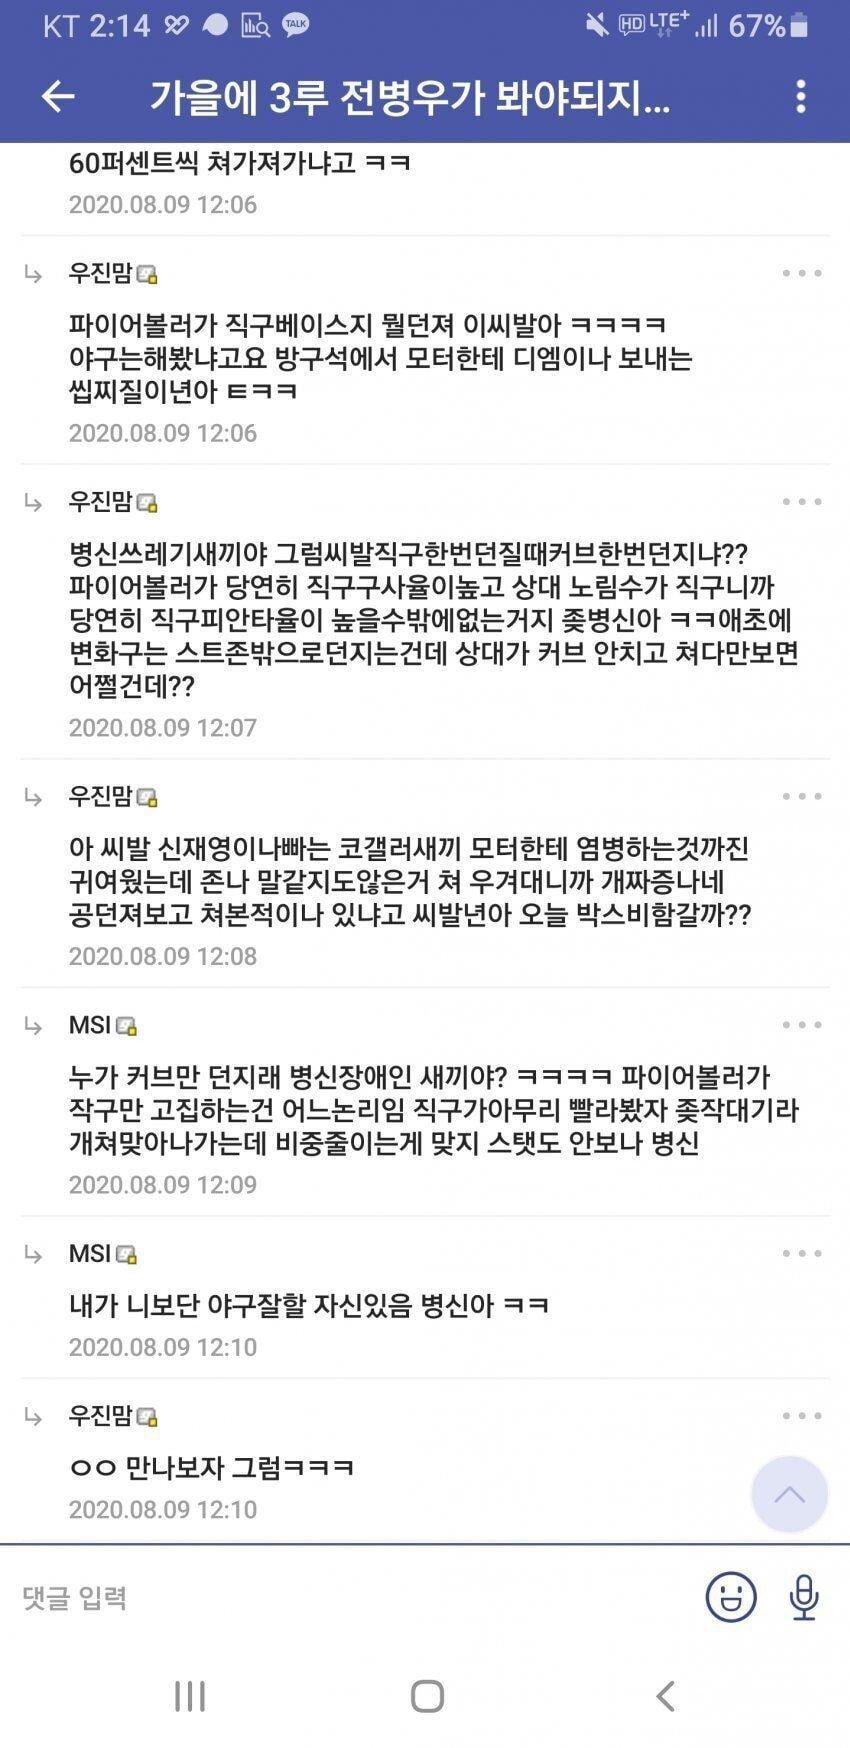 디씨 키움갤 현피사건 요약 - 꾸르